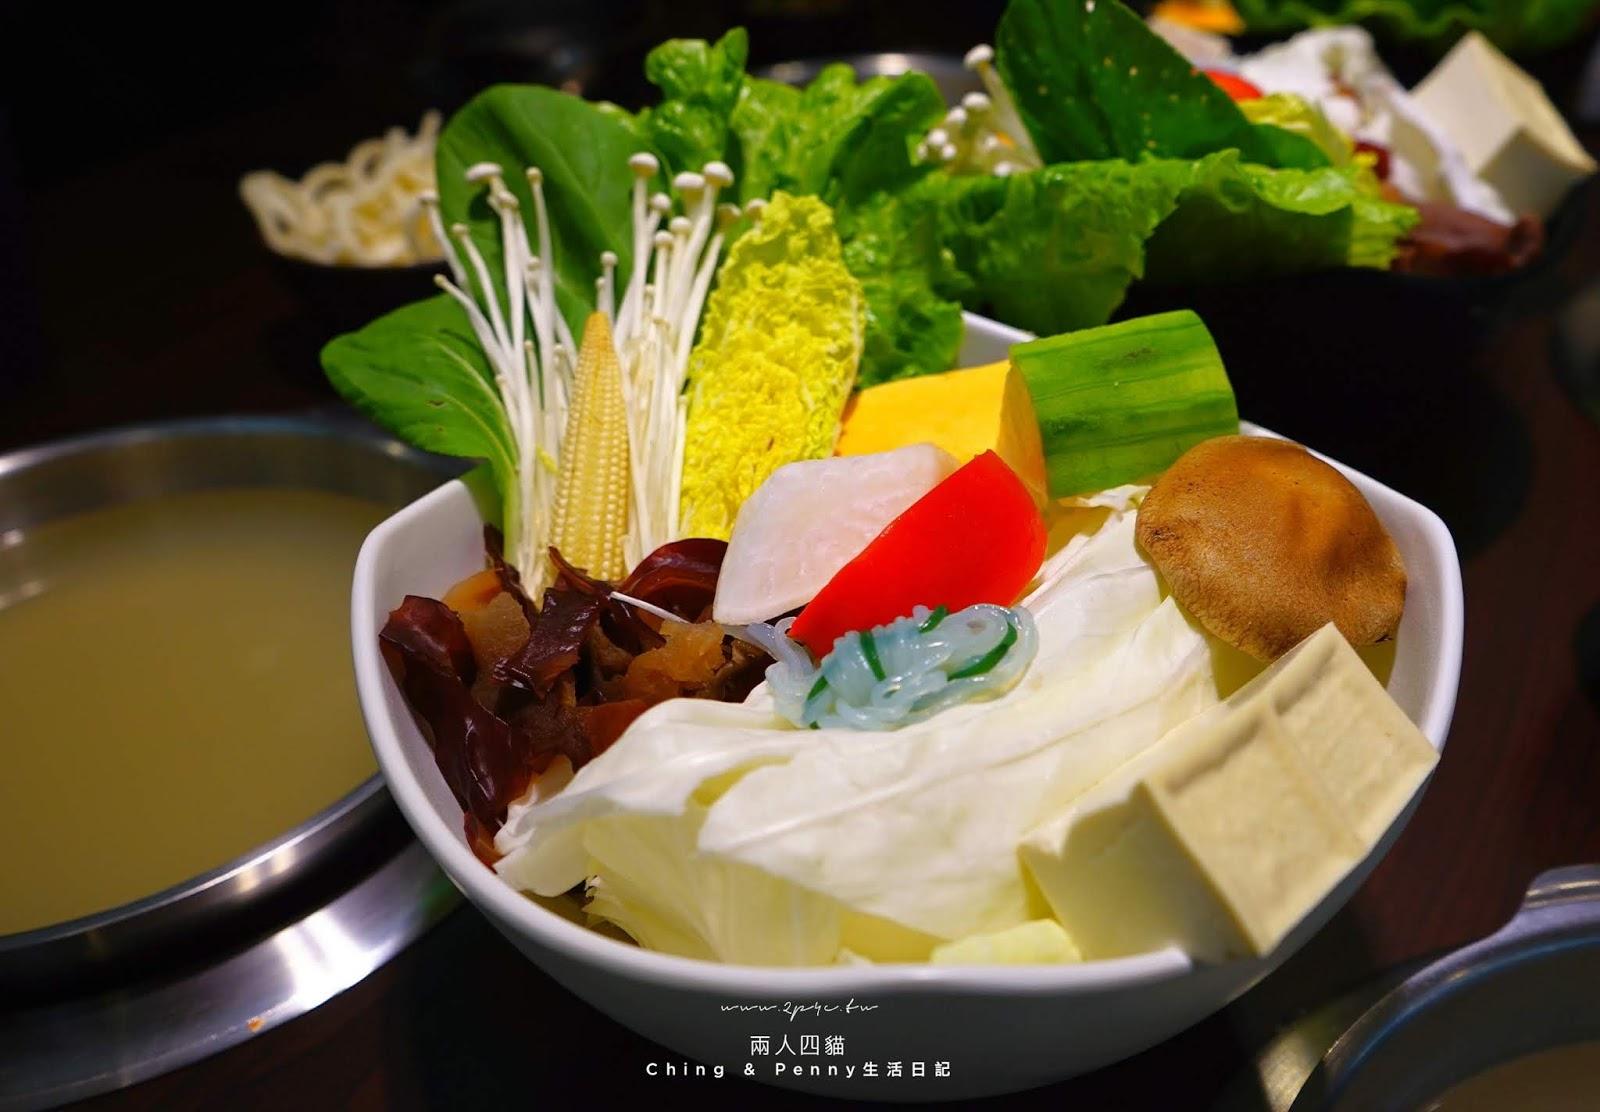 化饈火鍋 鮮蔬盤